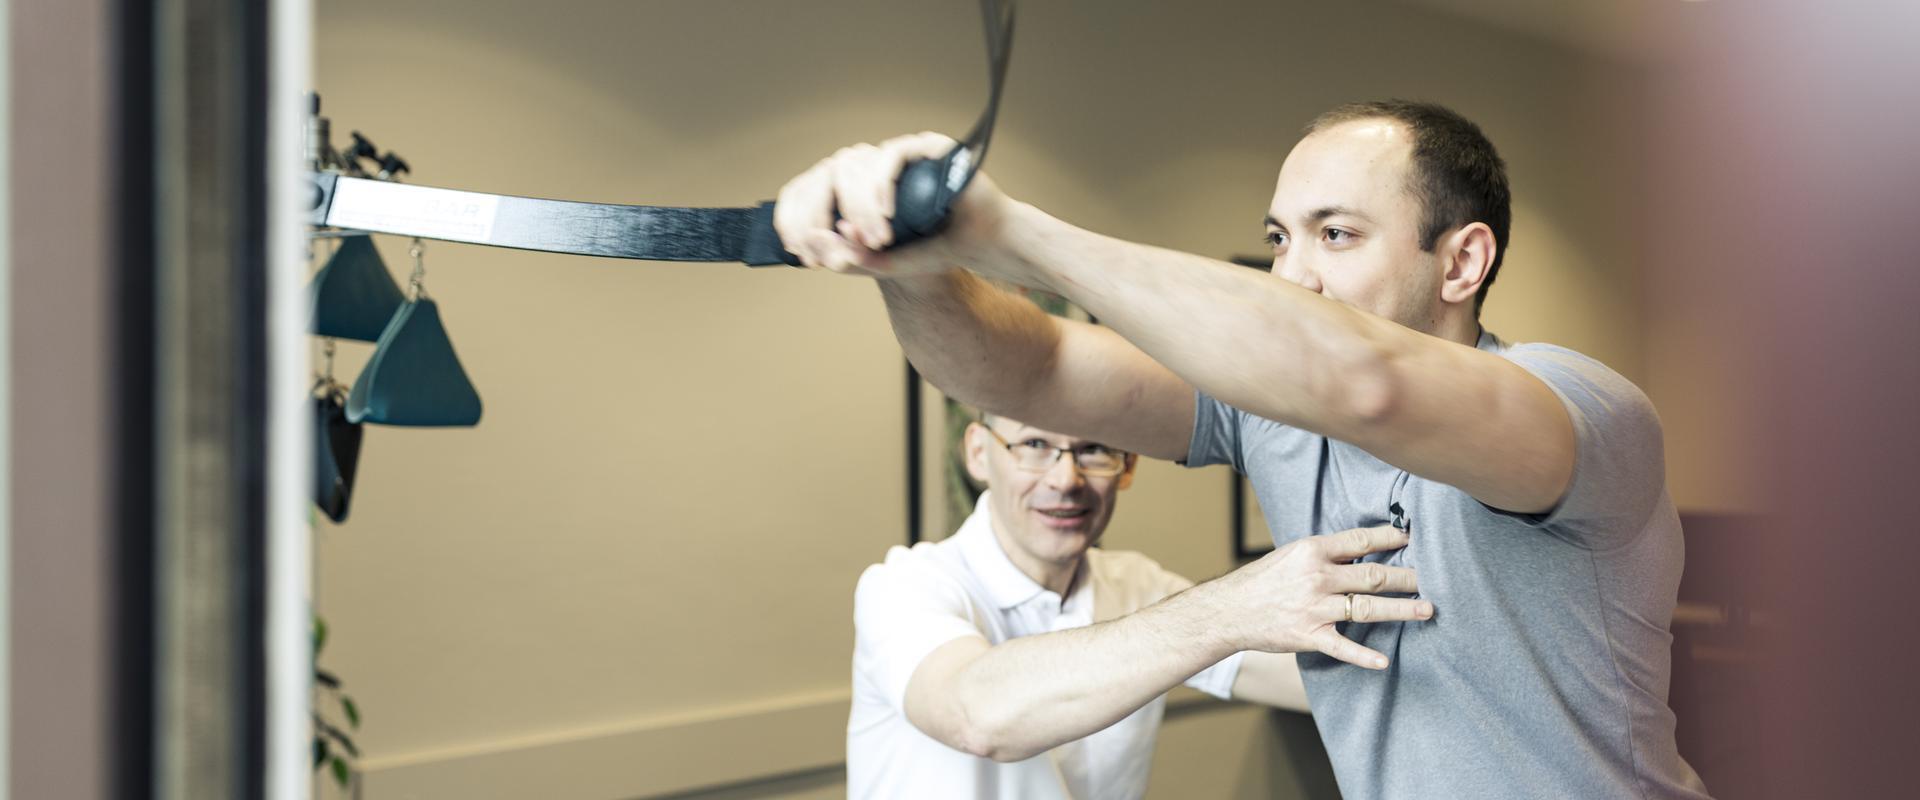 Patient trainiert zusammen mit einem Therapeuten in der MEDIAN Klaus-Miehlke-Klinik Wiesbaden